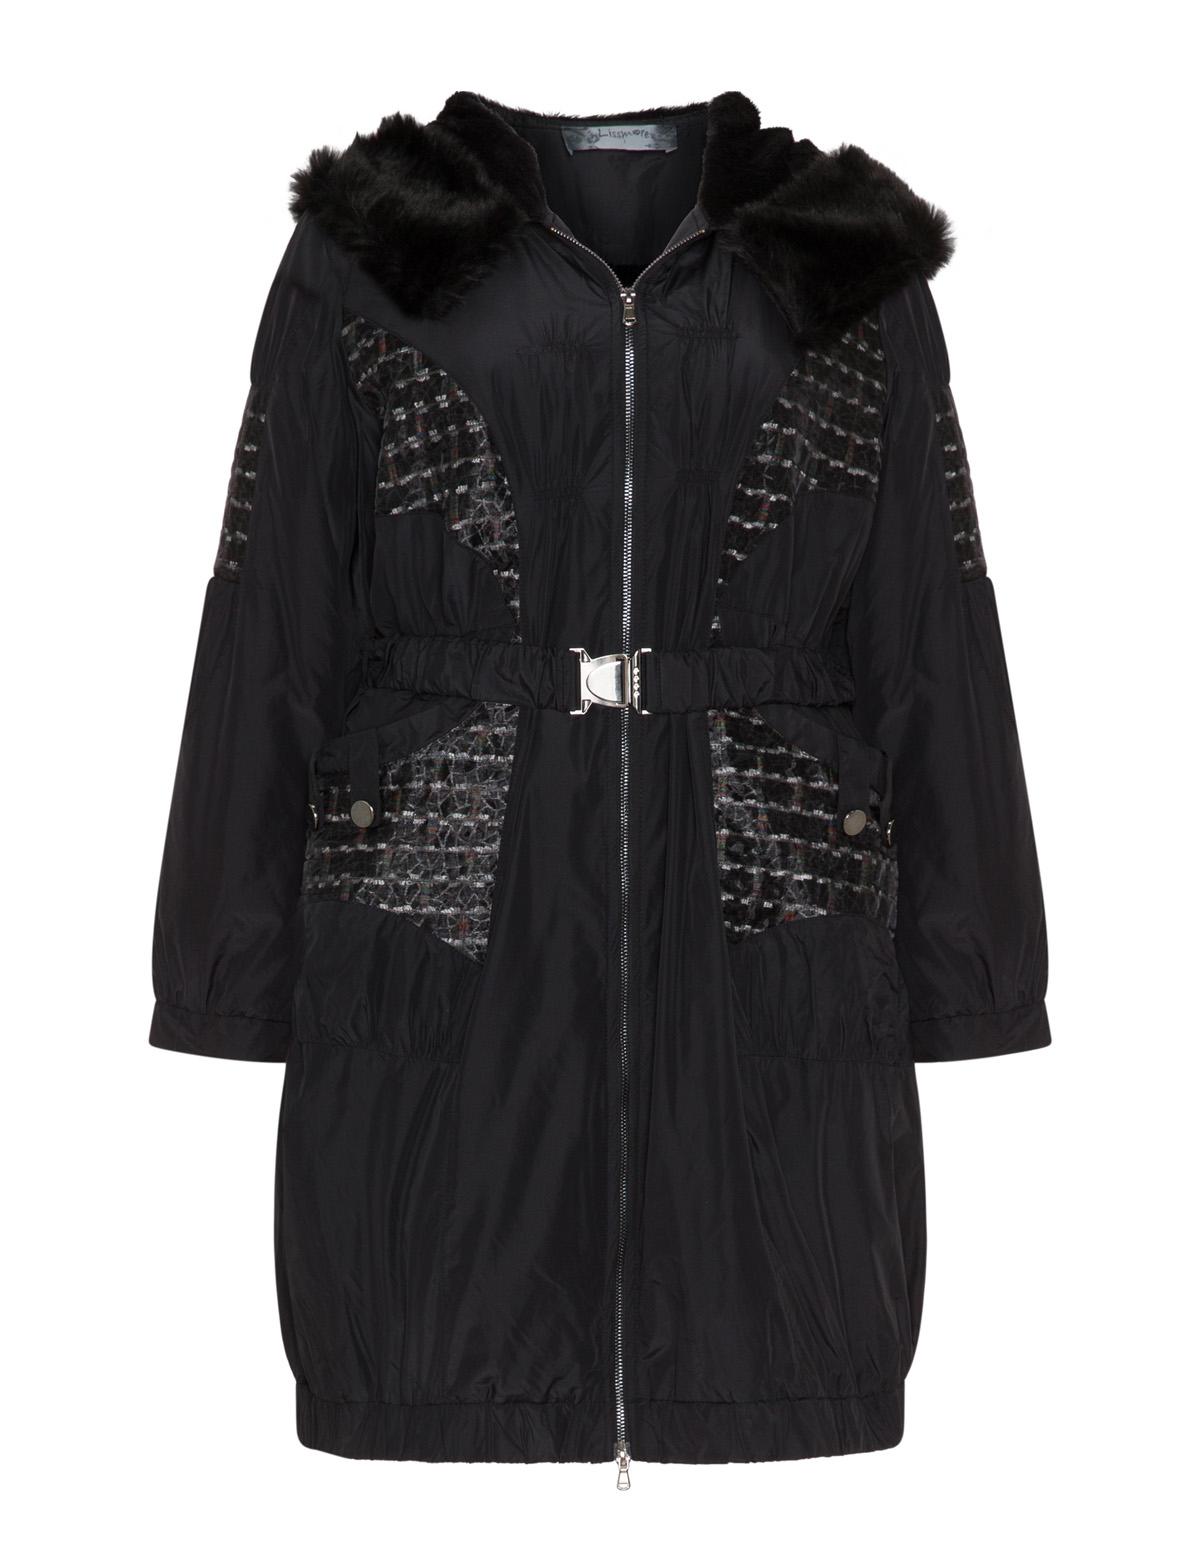 Lissmore Faux fur collar jacket Officiële Online Klaring Classic Goedkoop 2018 Daling Van De Scheepvaart T4fHqnrb3